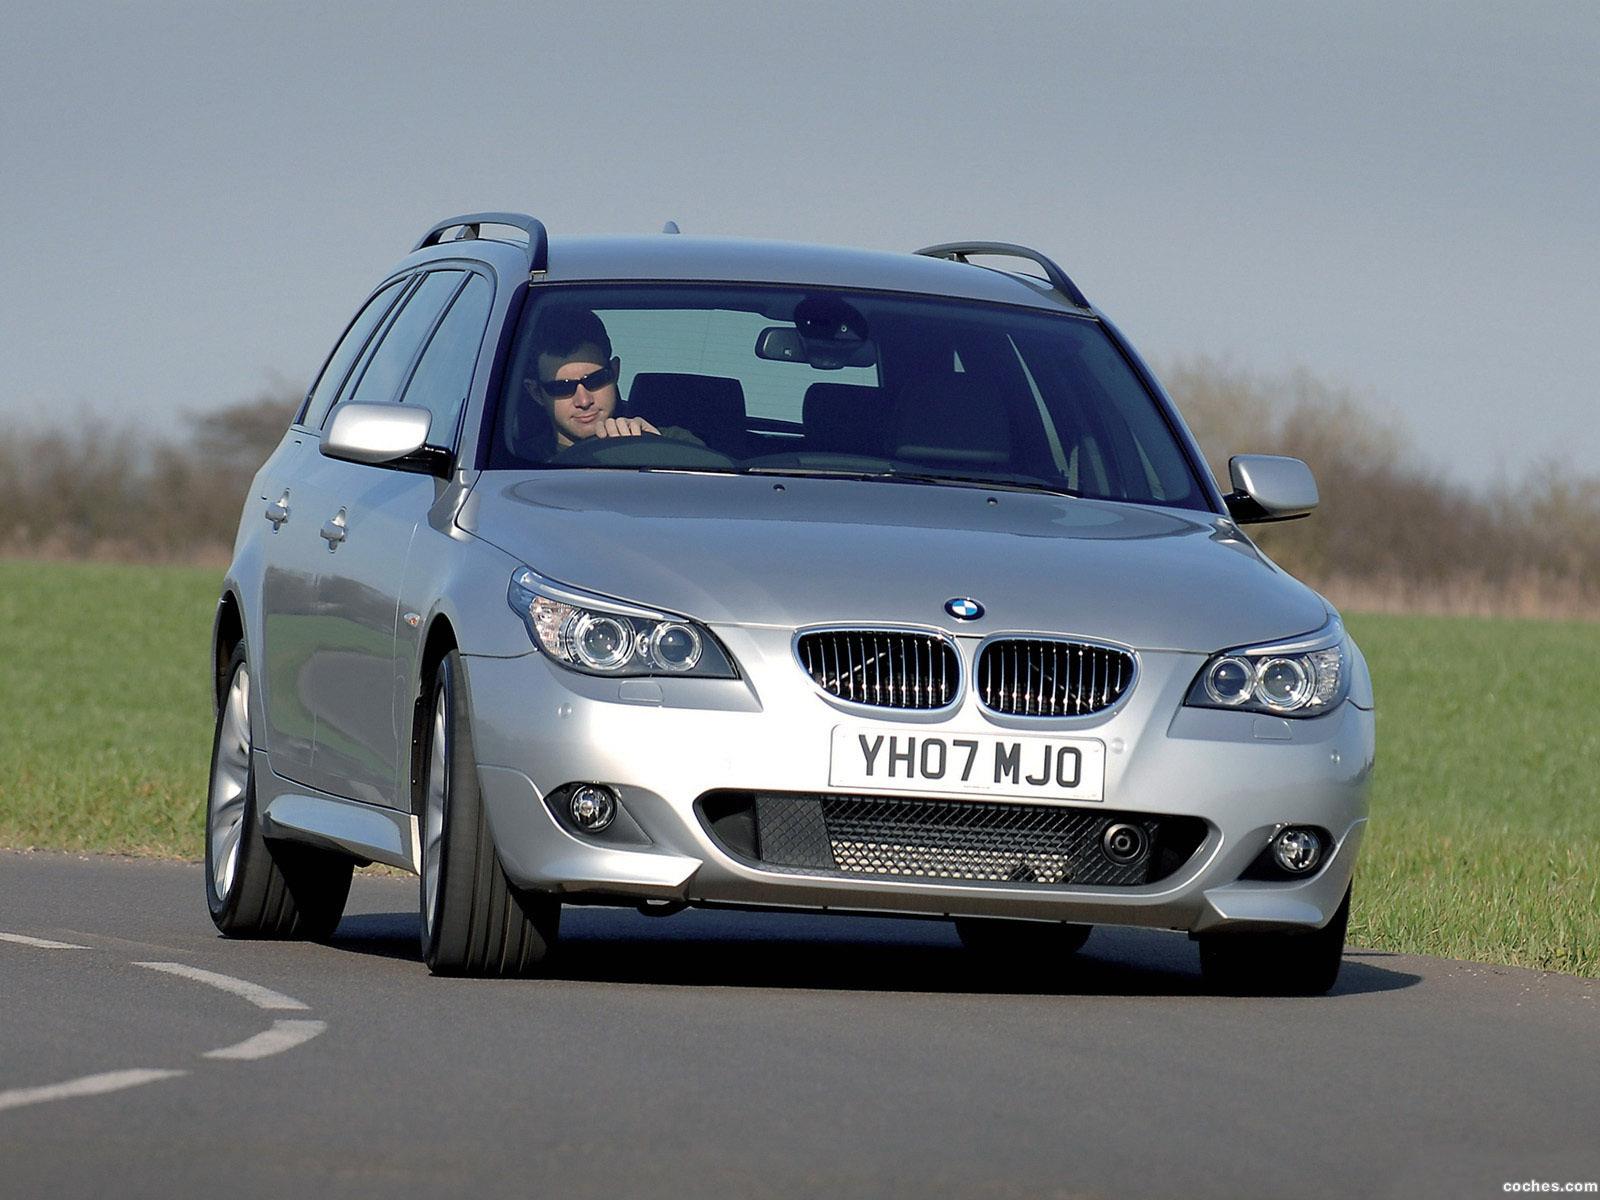 Foto 2 de BMW Serie 5 535d Touring M Sports Package UK E61 2005